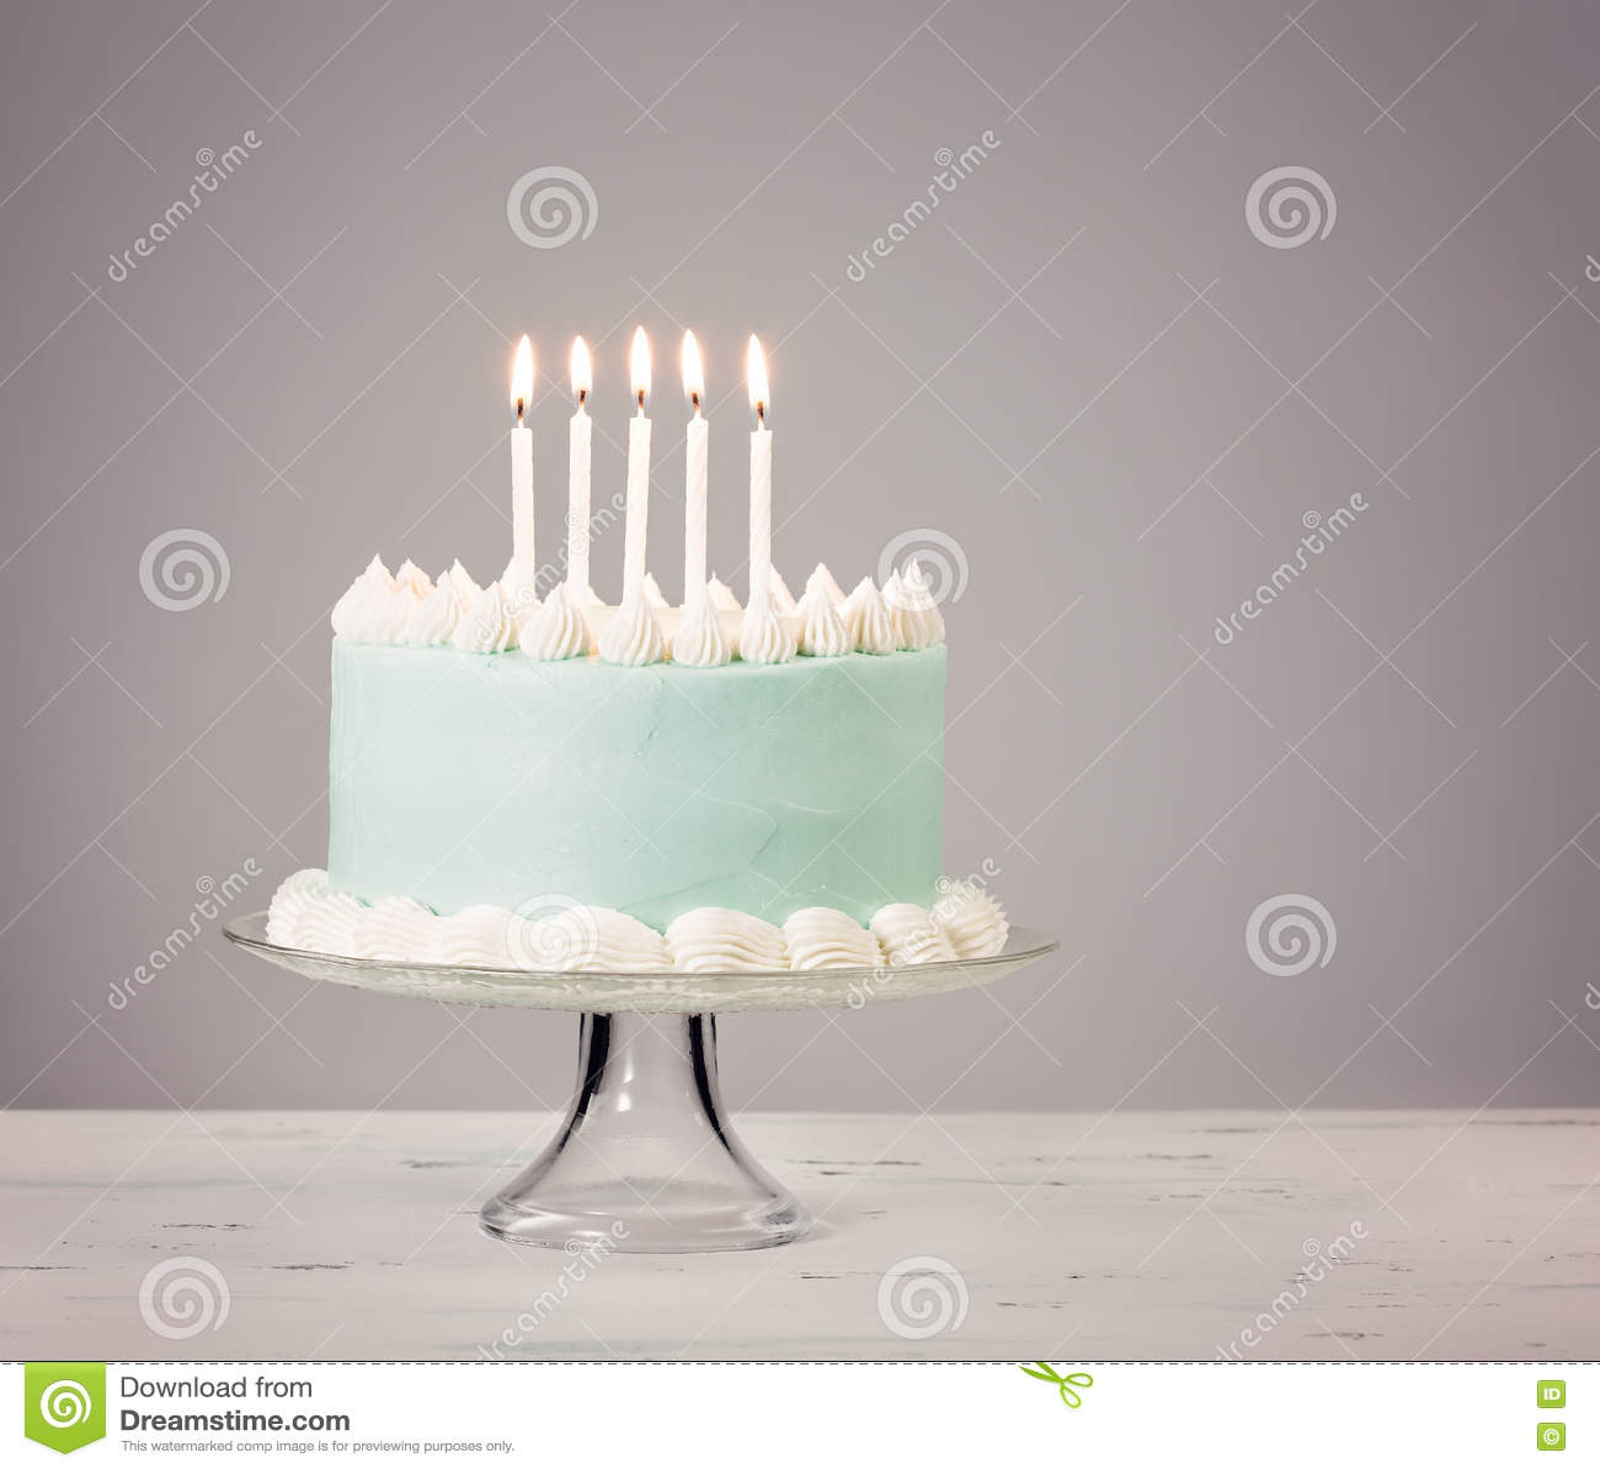 Blue Birthday Cake Over Grey Background Stock Image Image Of